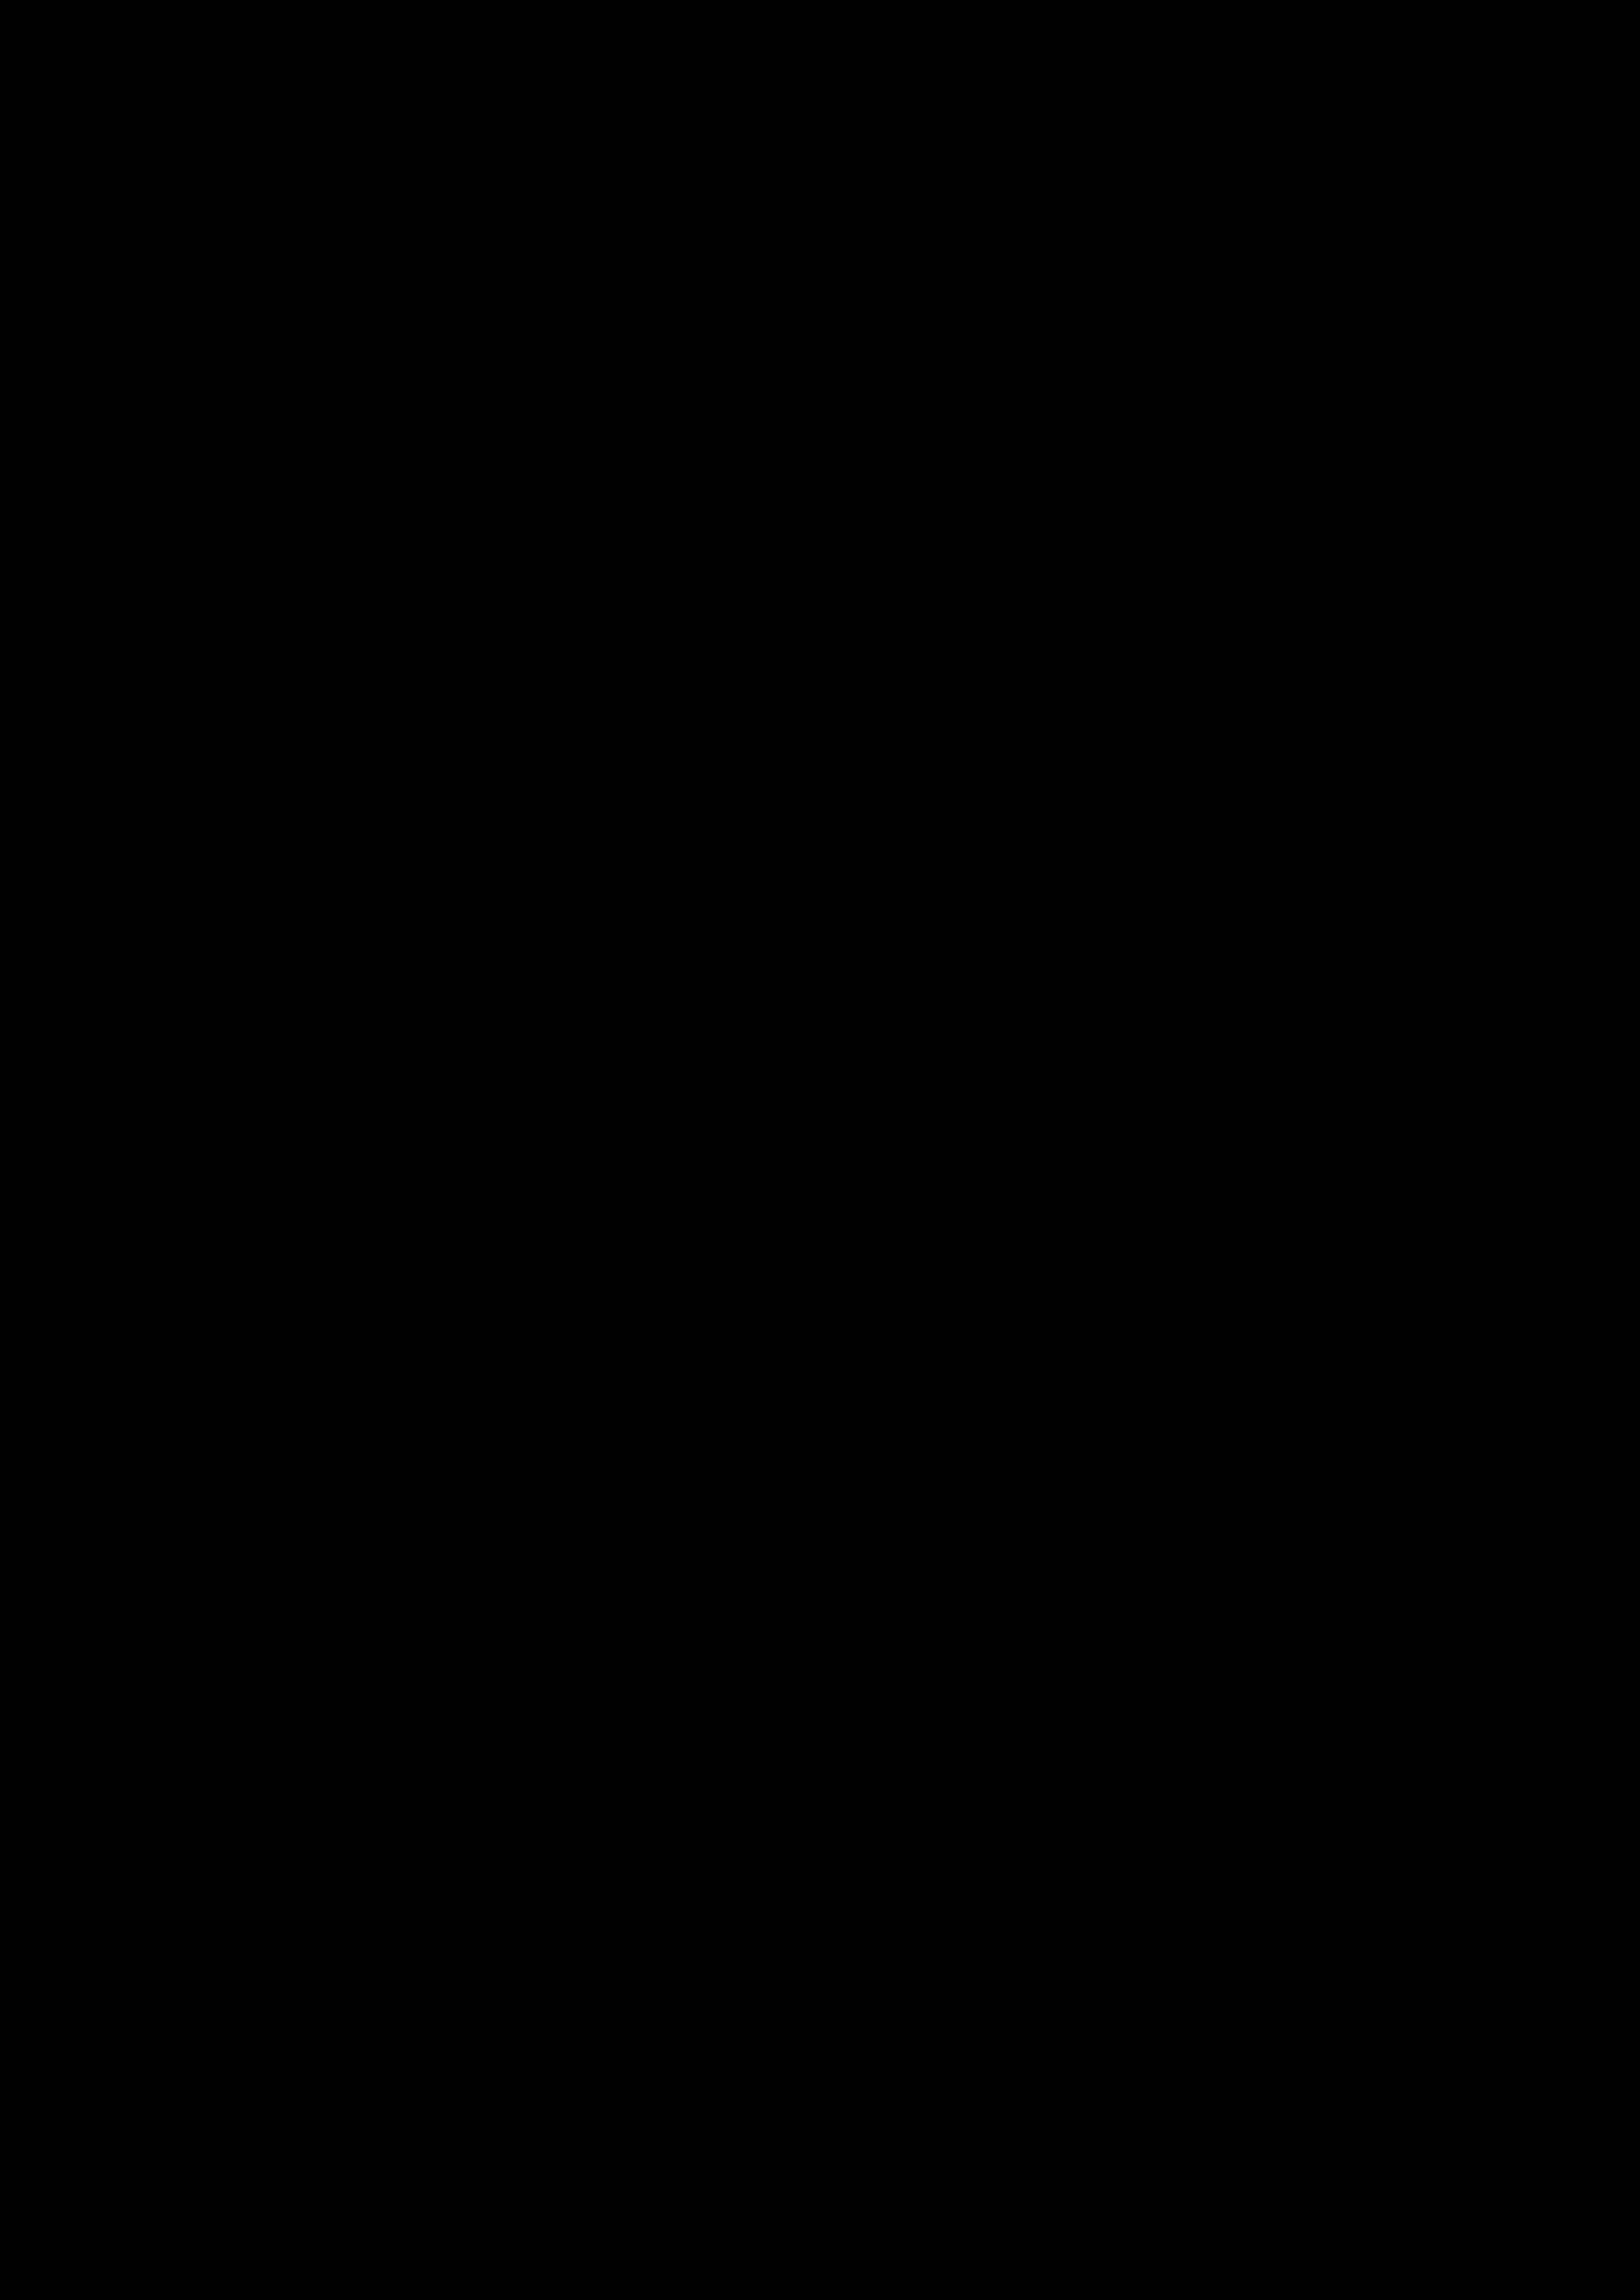 QUACK BOOK - white over